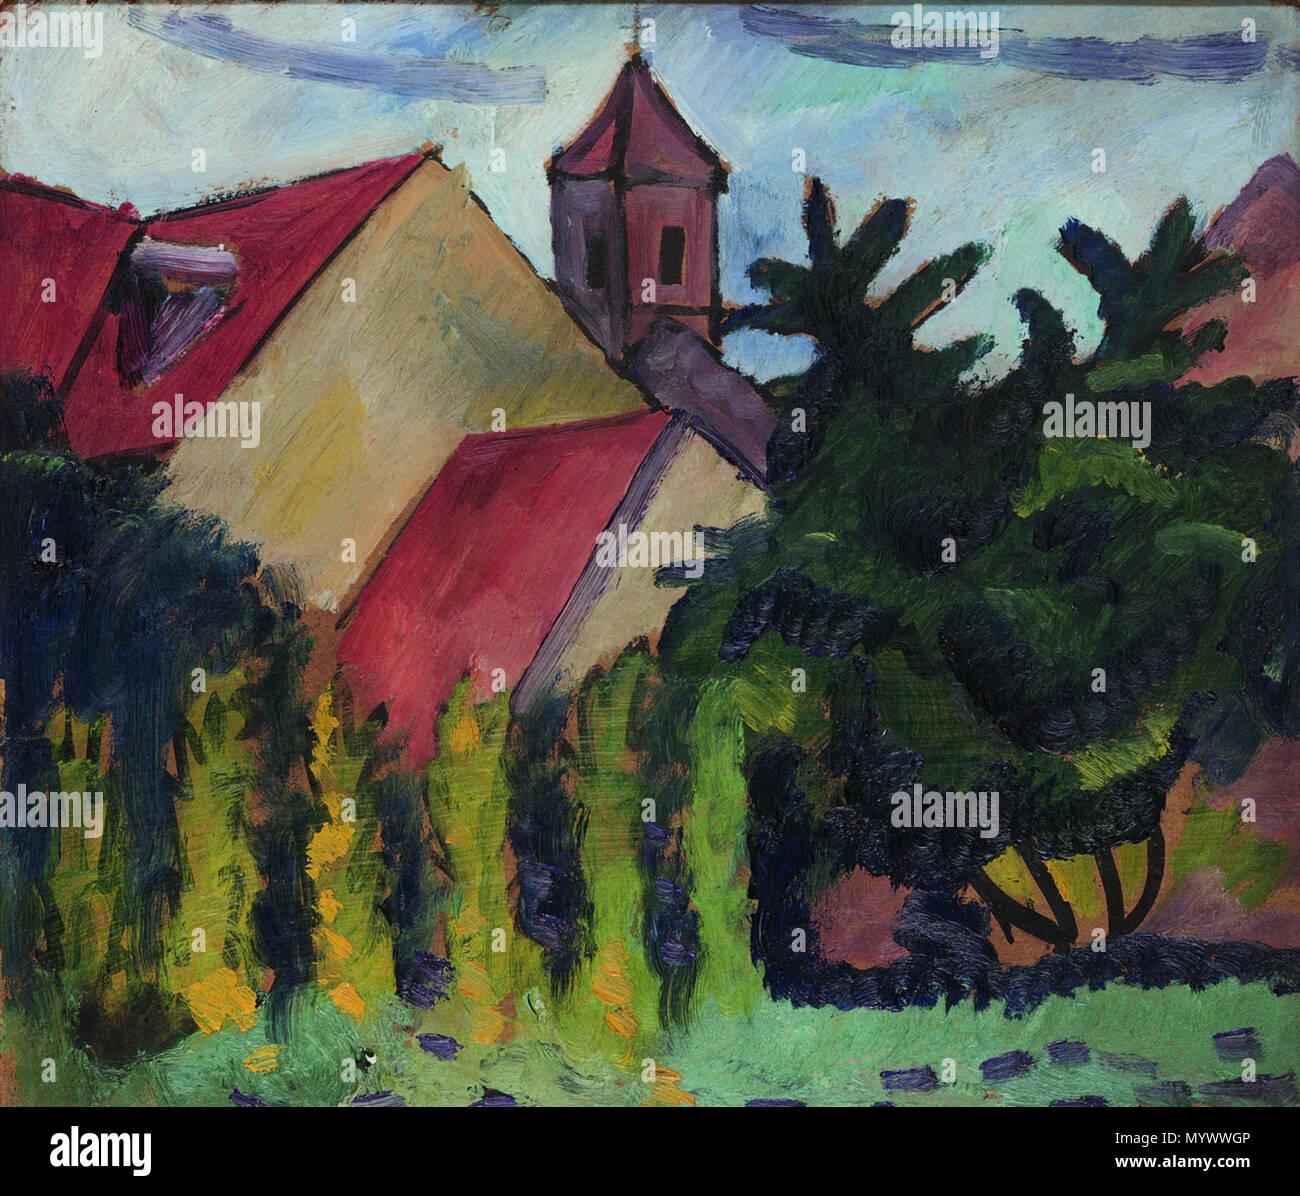 Beste 4 öffnungsrahmen Galerie - Benutzerdefinierte Bilderrahmen ...